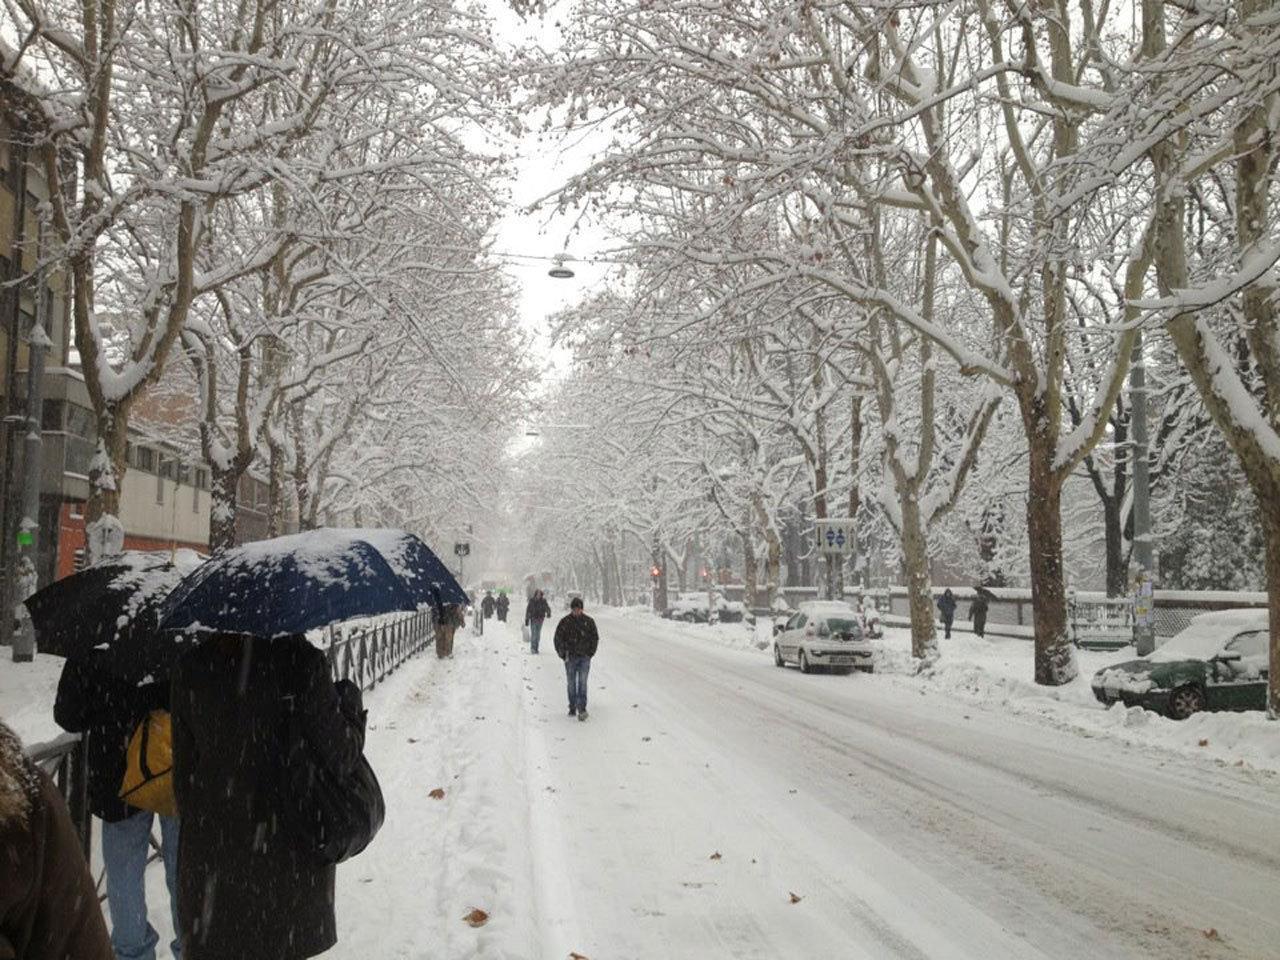 Previsioni meteo oggi: maltempo e nevicate